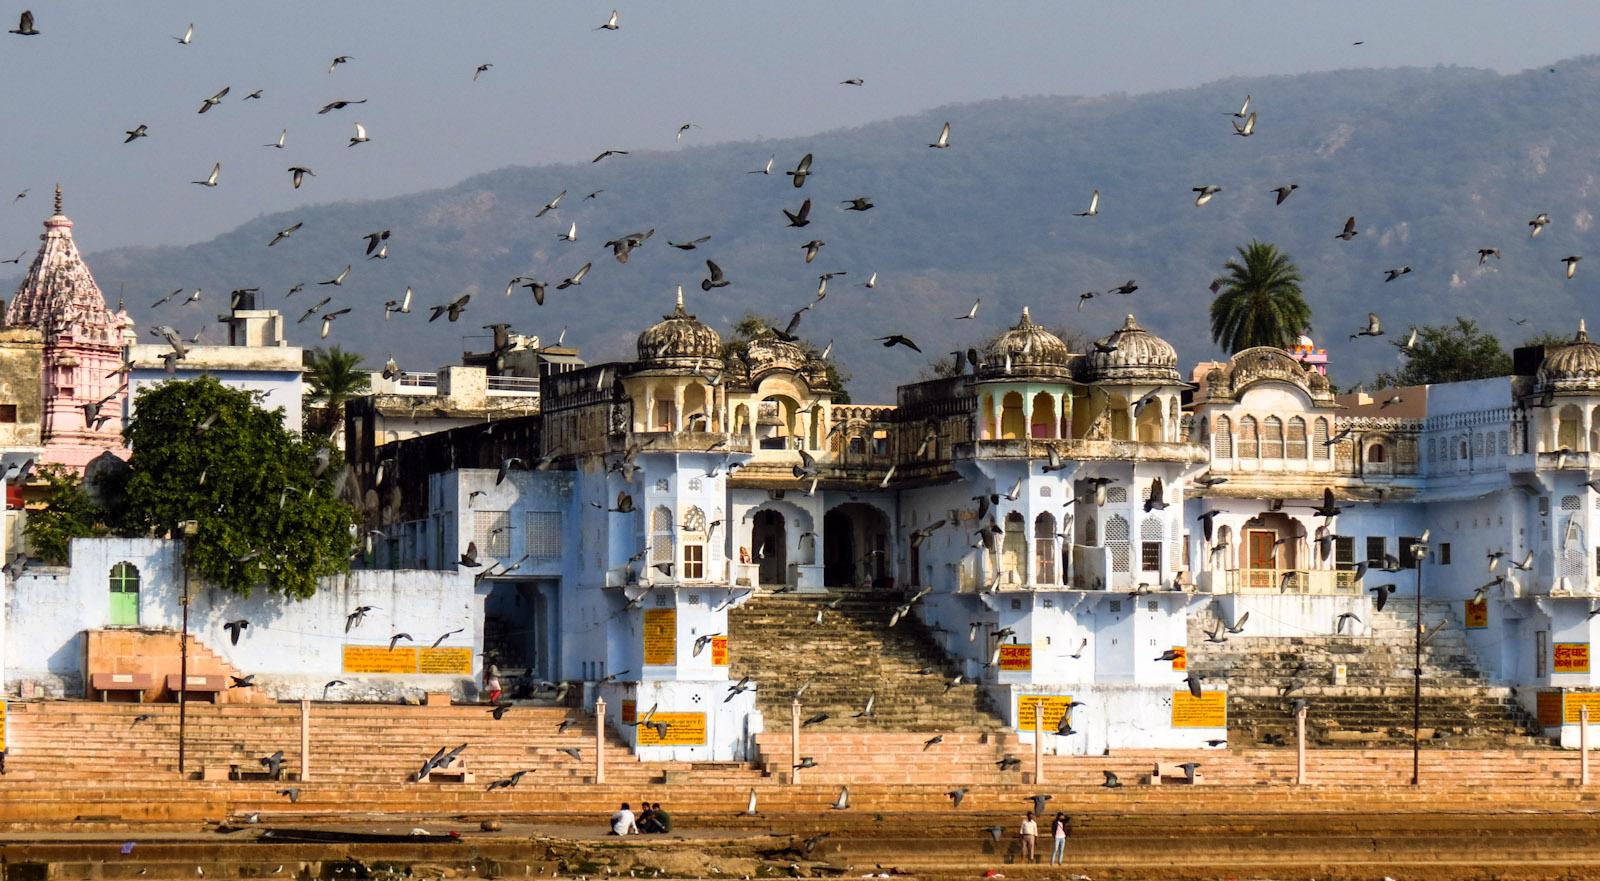 Lake Palace Hotel Pushkar